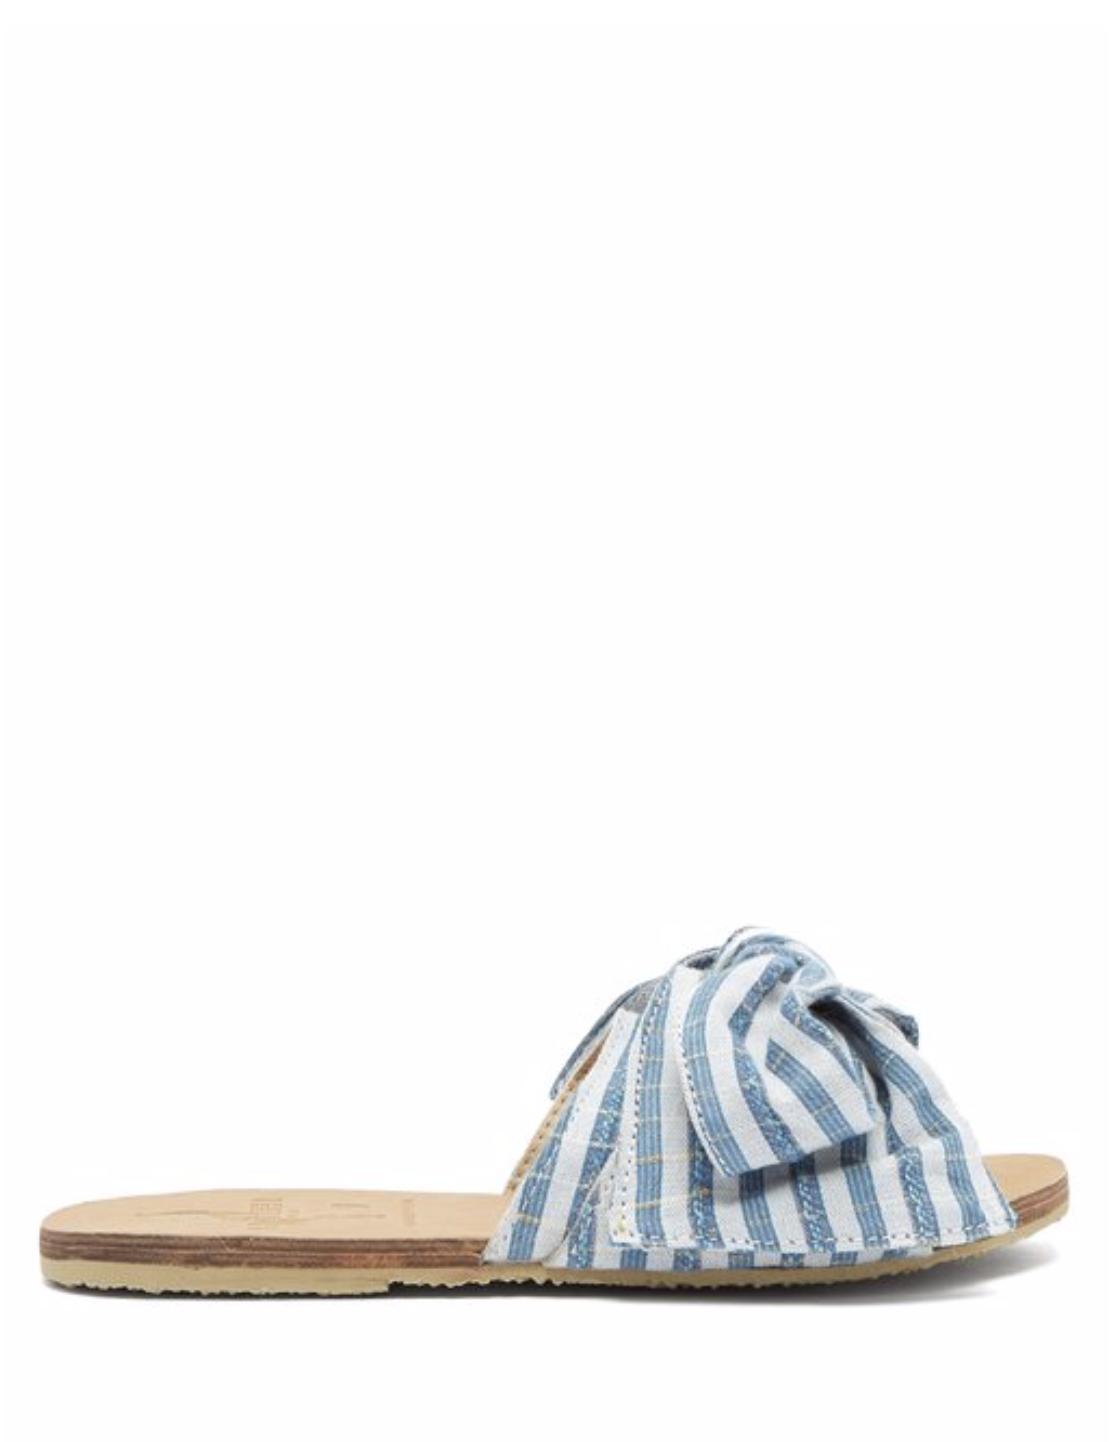 也是三折:夏天度假風的藍色條紋涼鞋